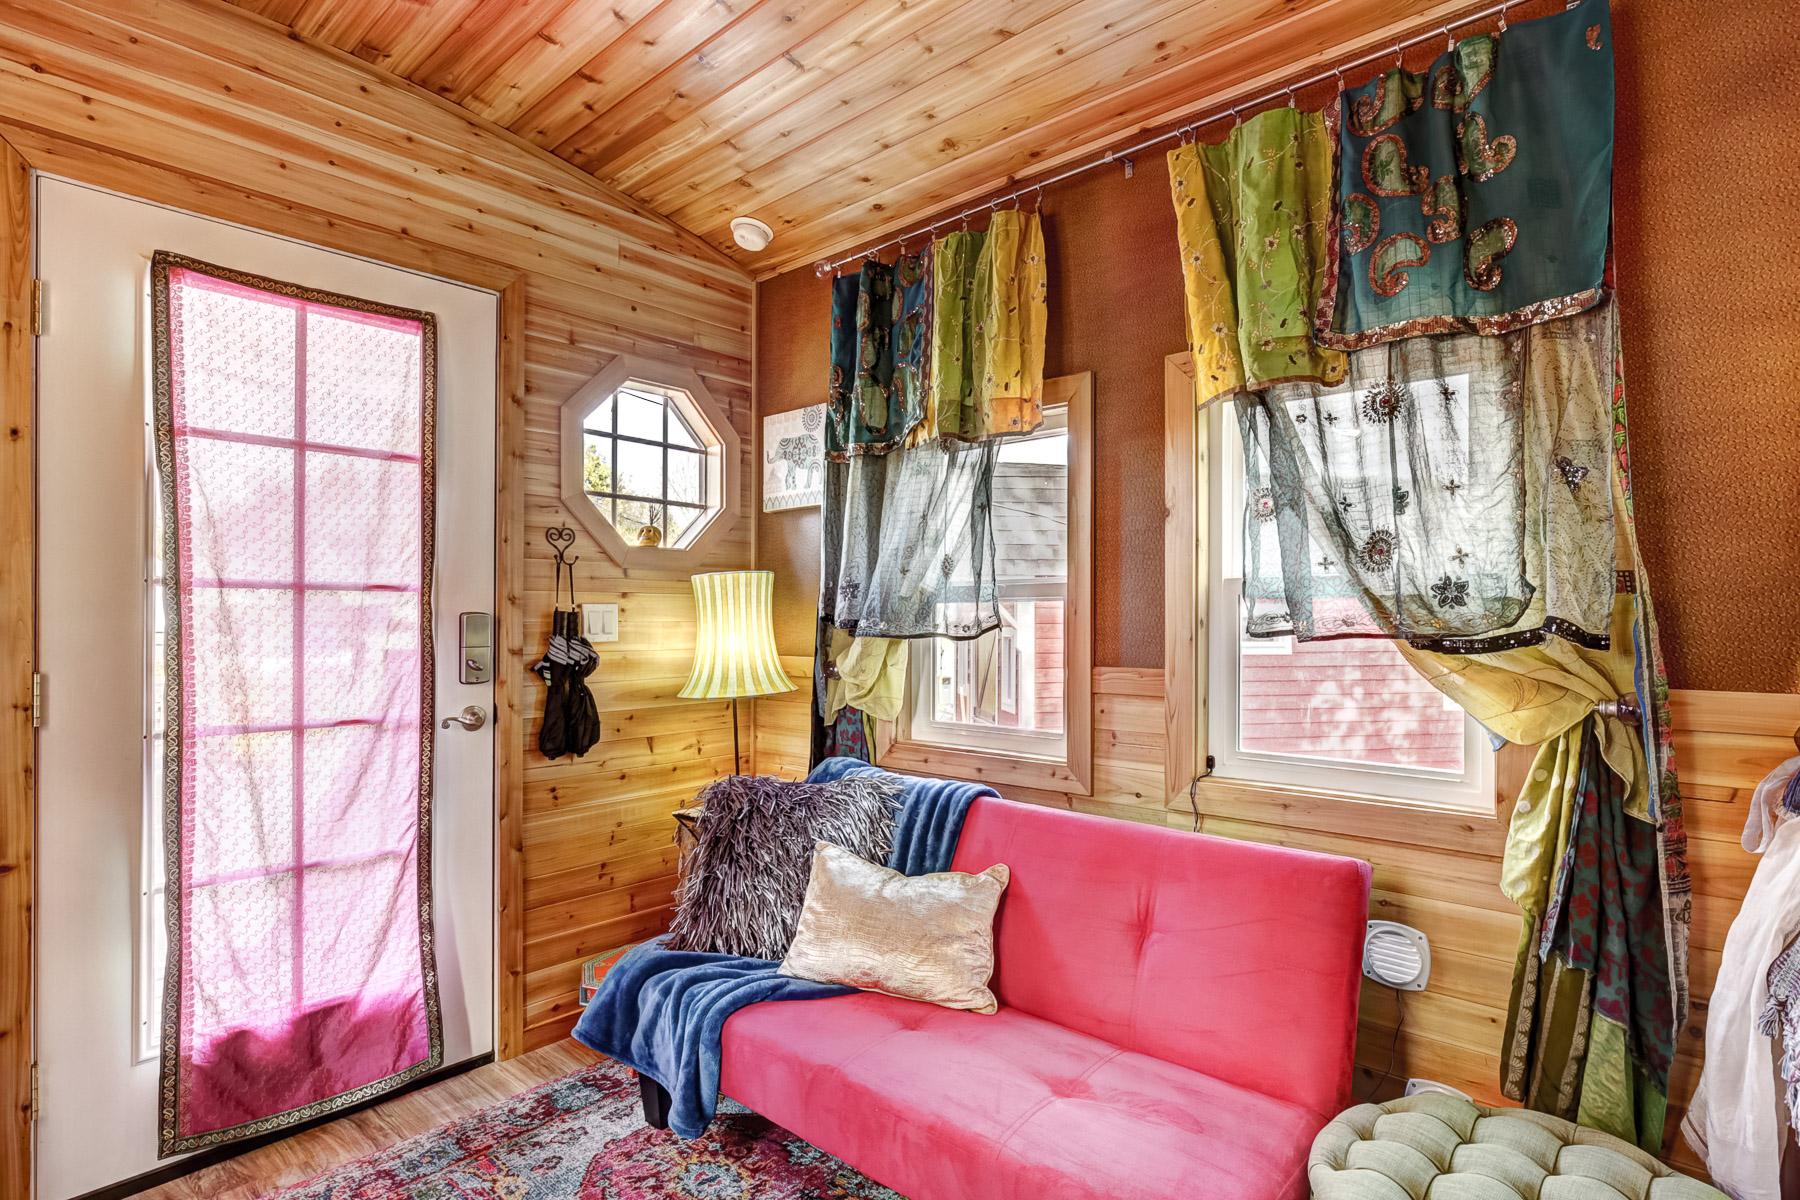 Bed canopy gypsy -  Gypsy Wagon